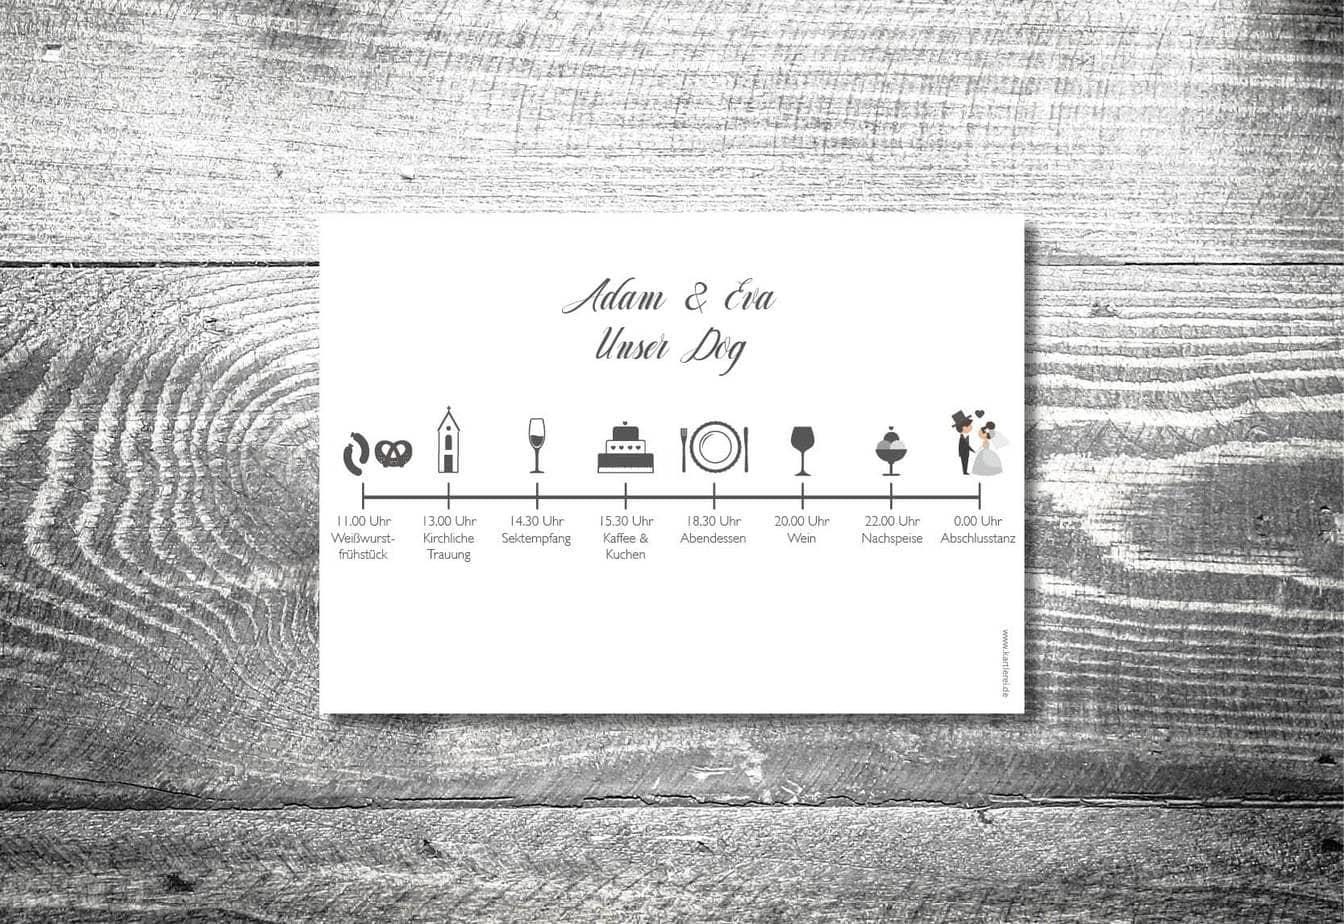 kartlerei karten drucken einladungskarten hochzeit einlegeblatt timeline zeitplan bayrische einladung - Hochzeitskarten